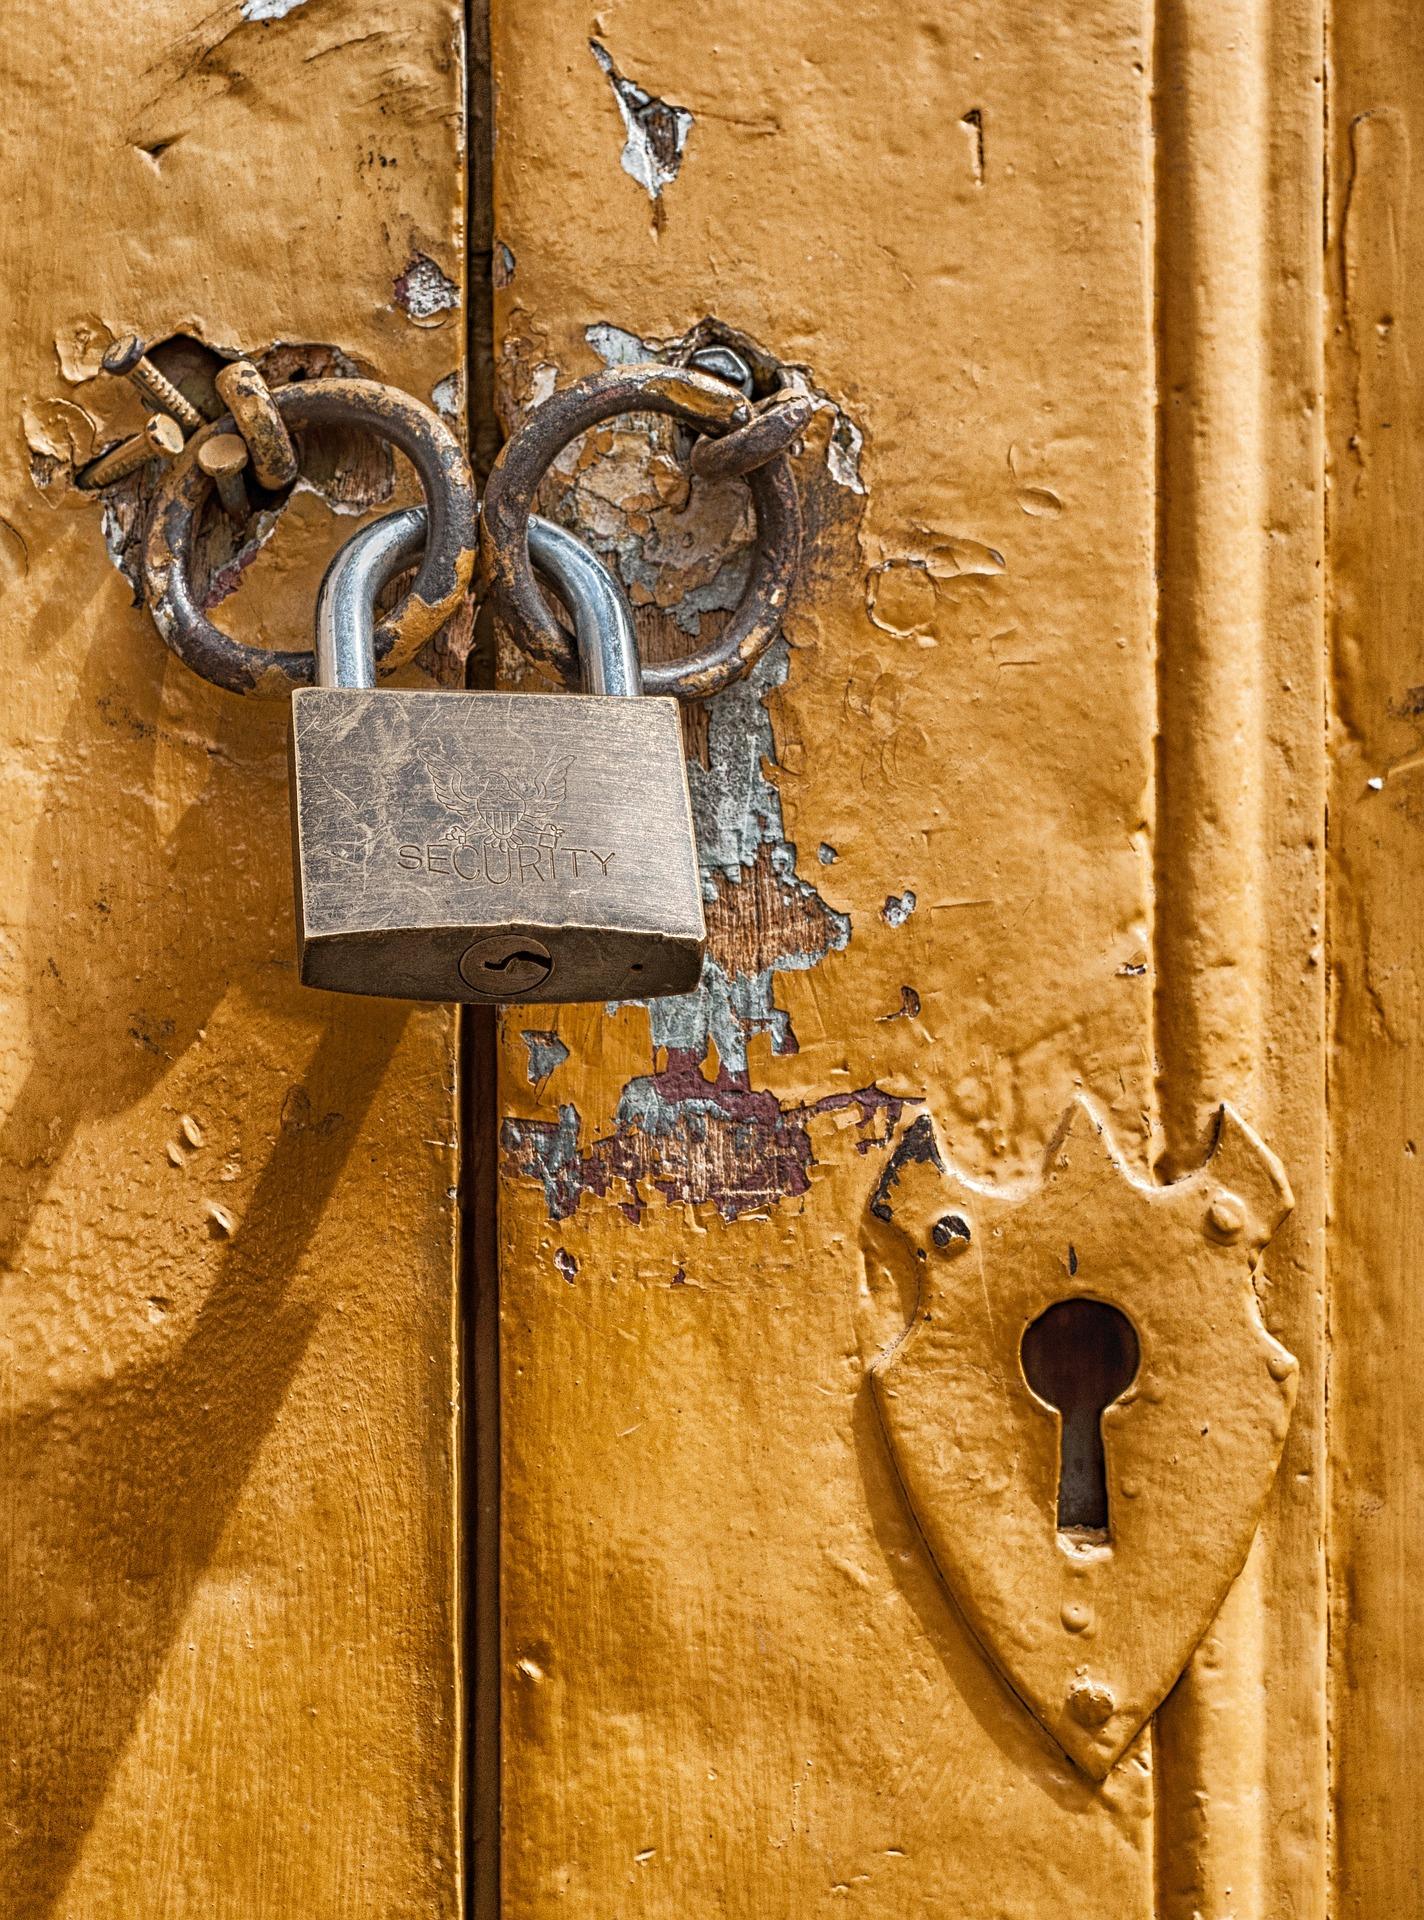 padlock-172770_1920.jpg